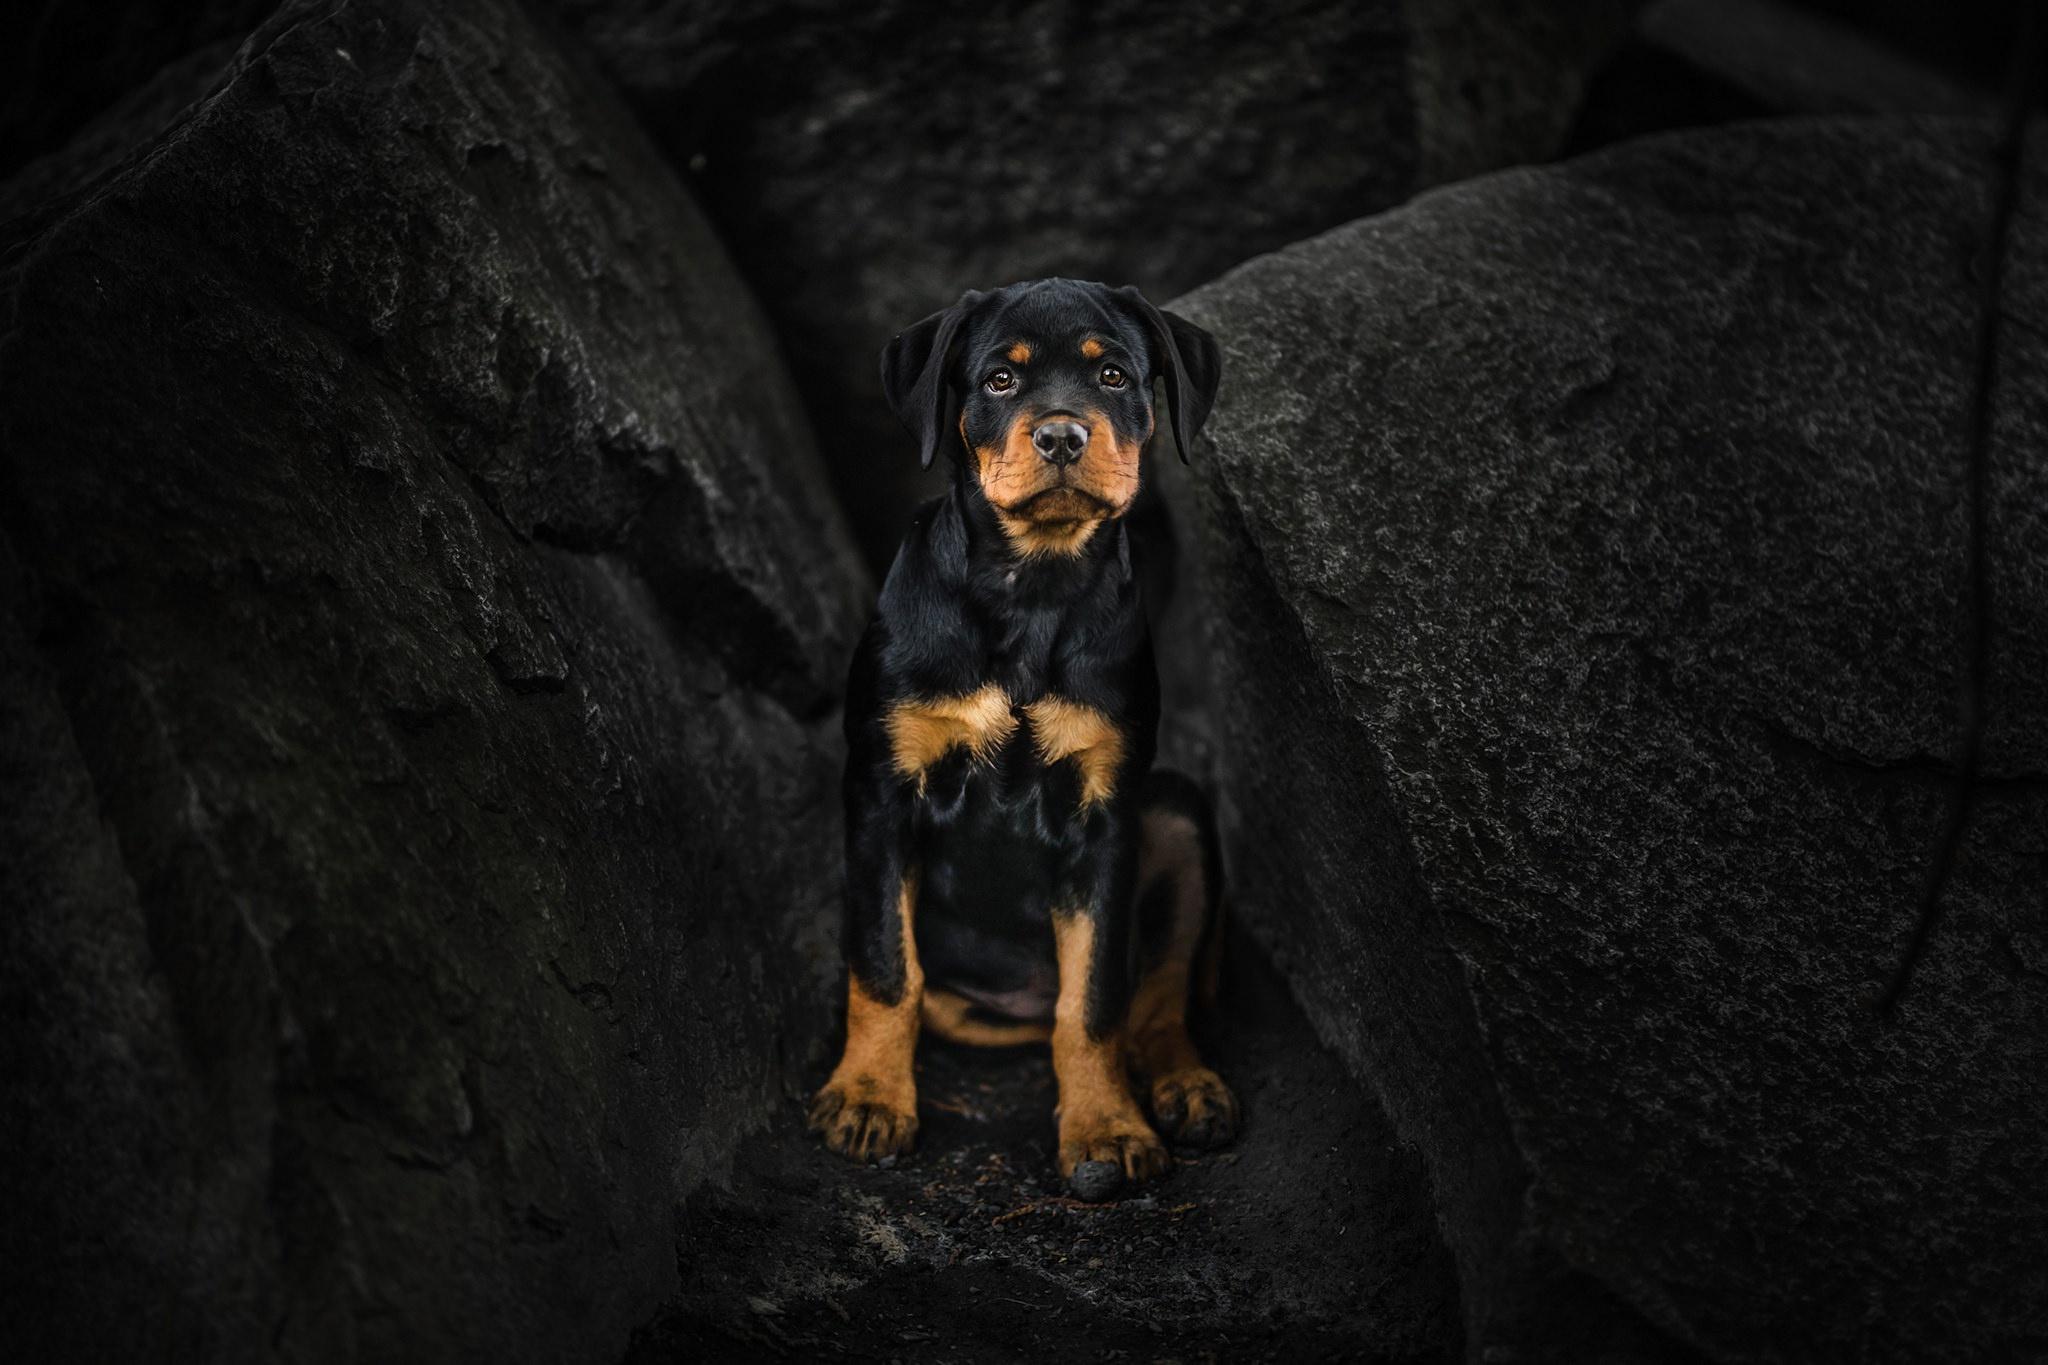 Rottweiler Wallpapers Top Free Rottweiler Backgrounds Wallpaperaccess